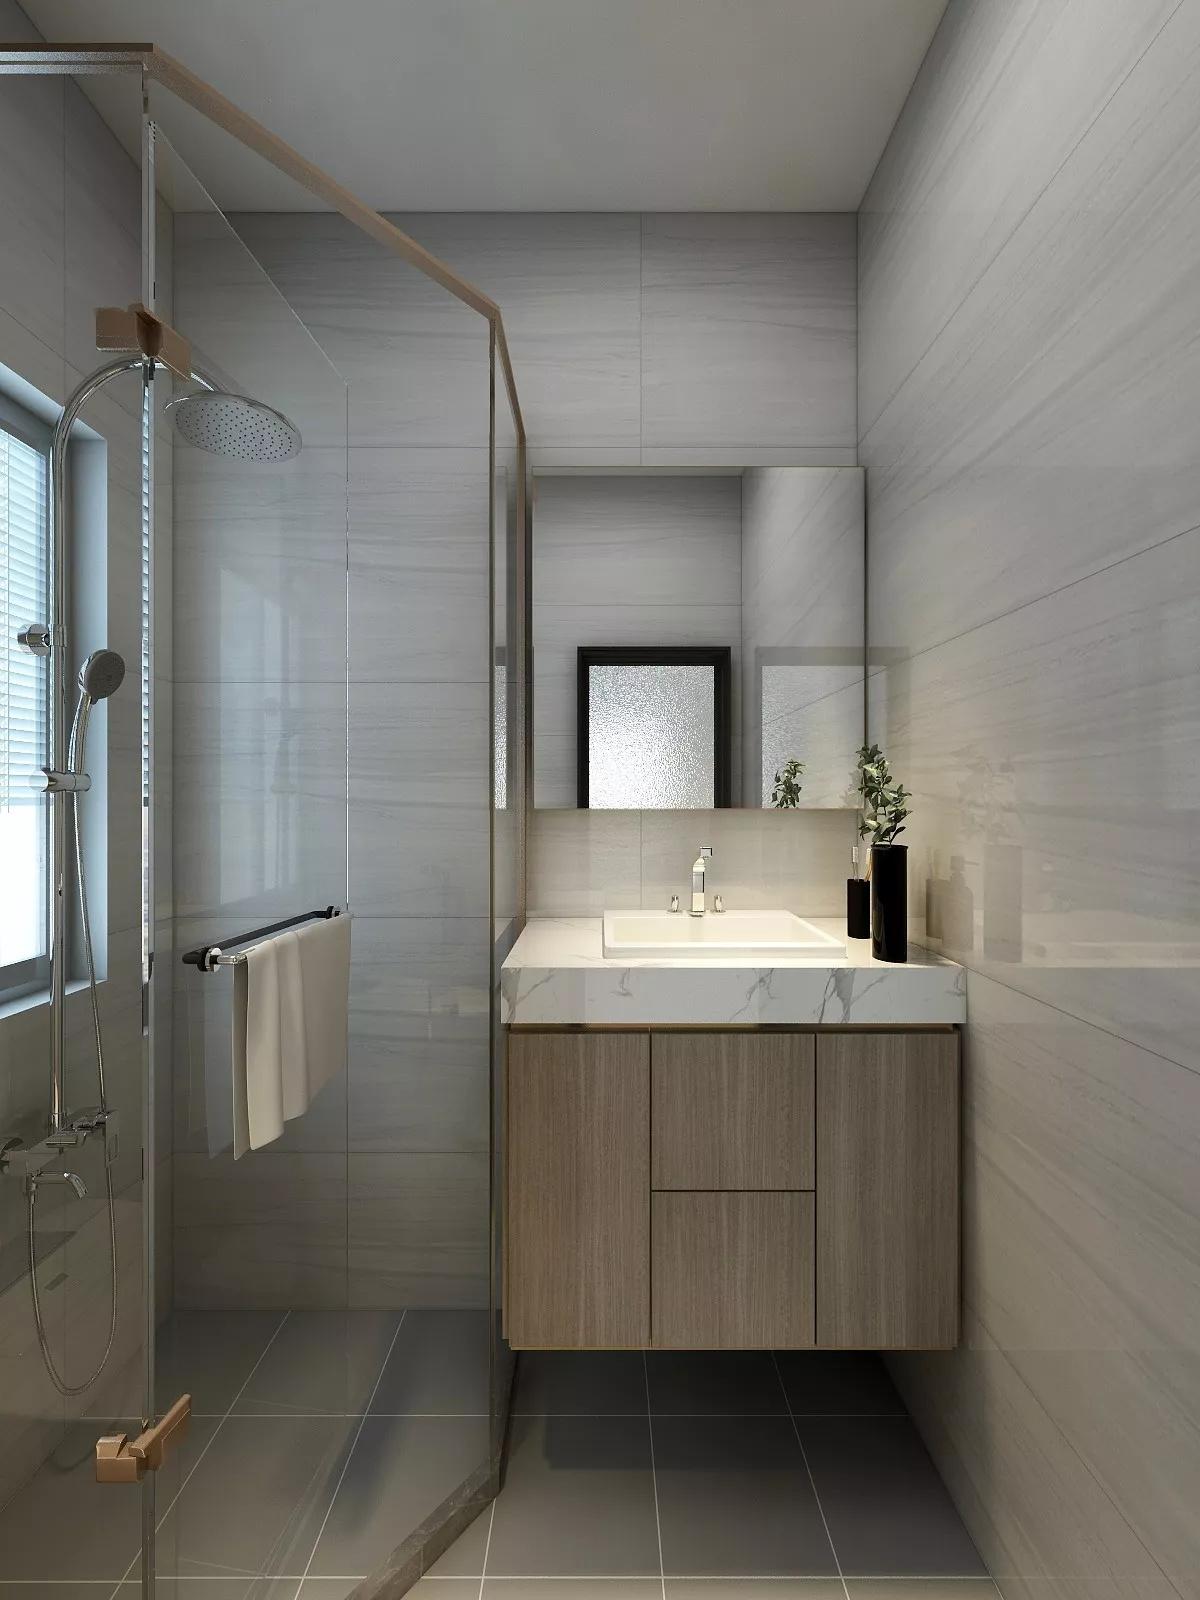 卫浴装修技巧是什么 卫浴选购要点有哪些